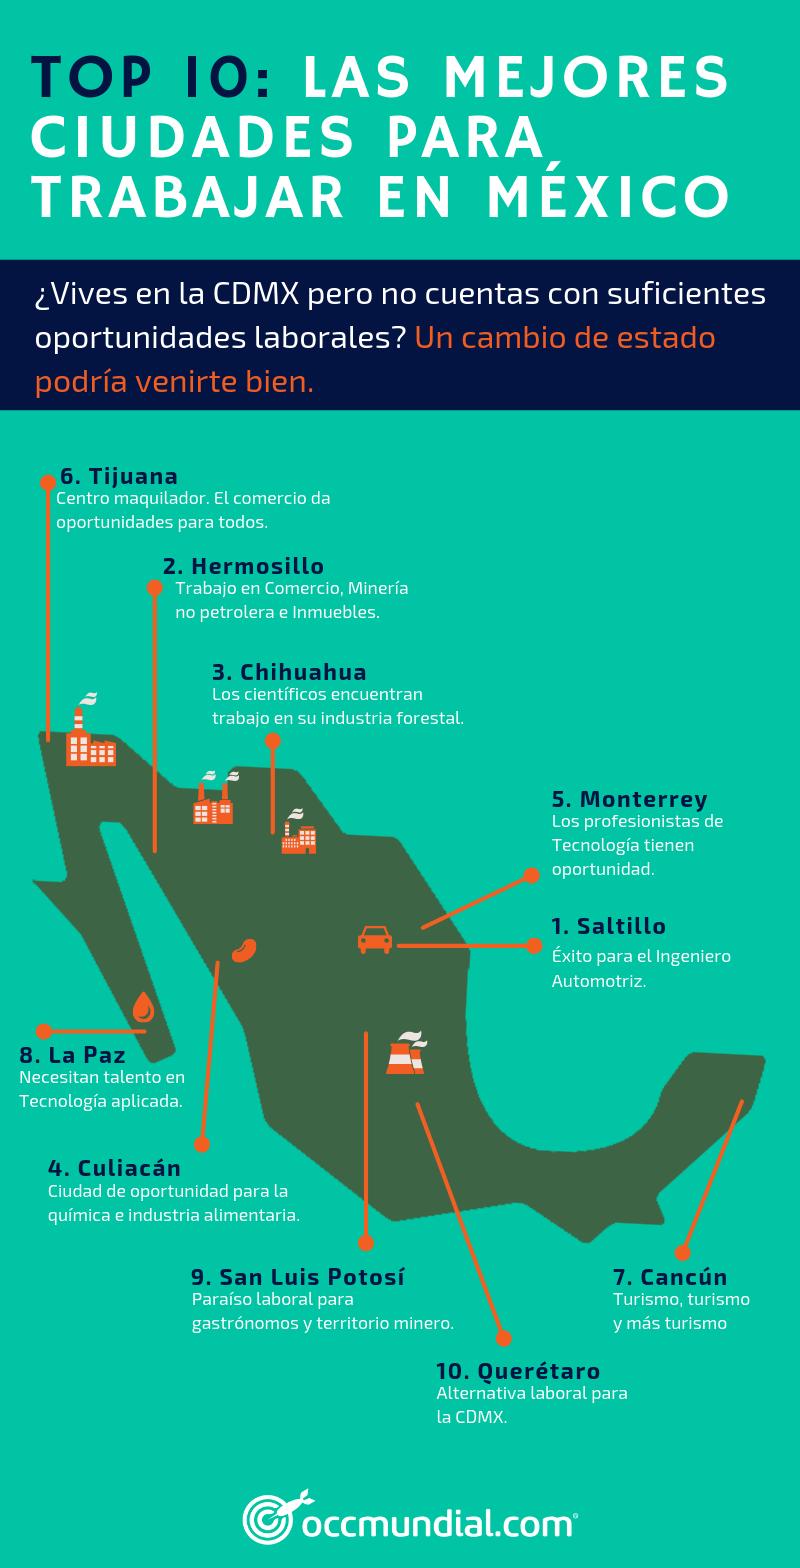 c4fadaa6aa84 Destaca que la mayoría de ciudades se localizan en la región norte del país.